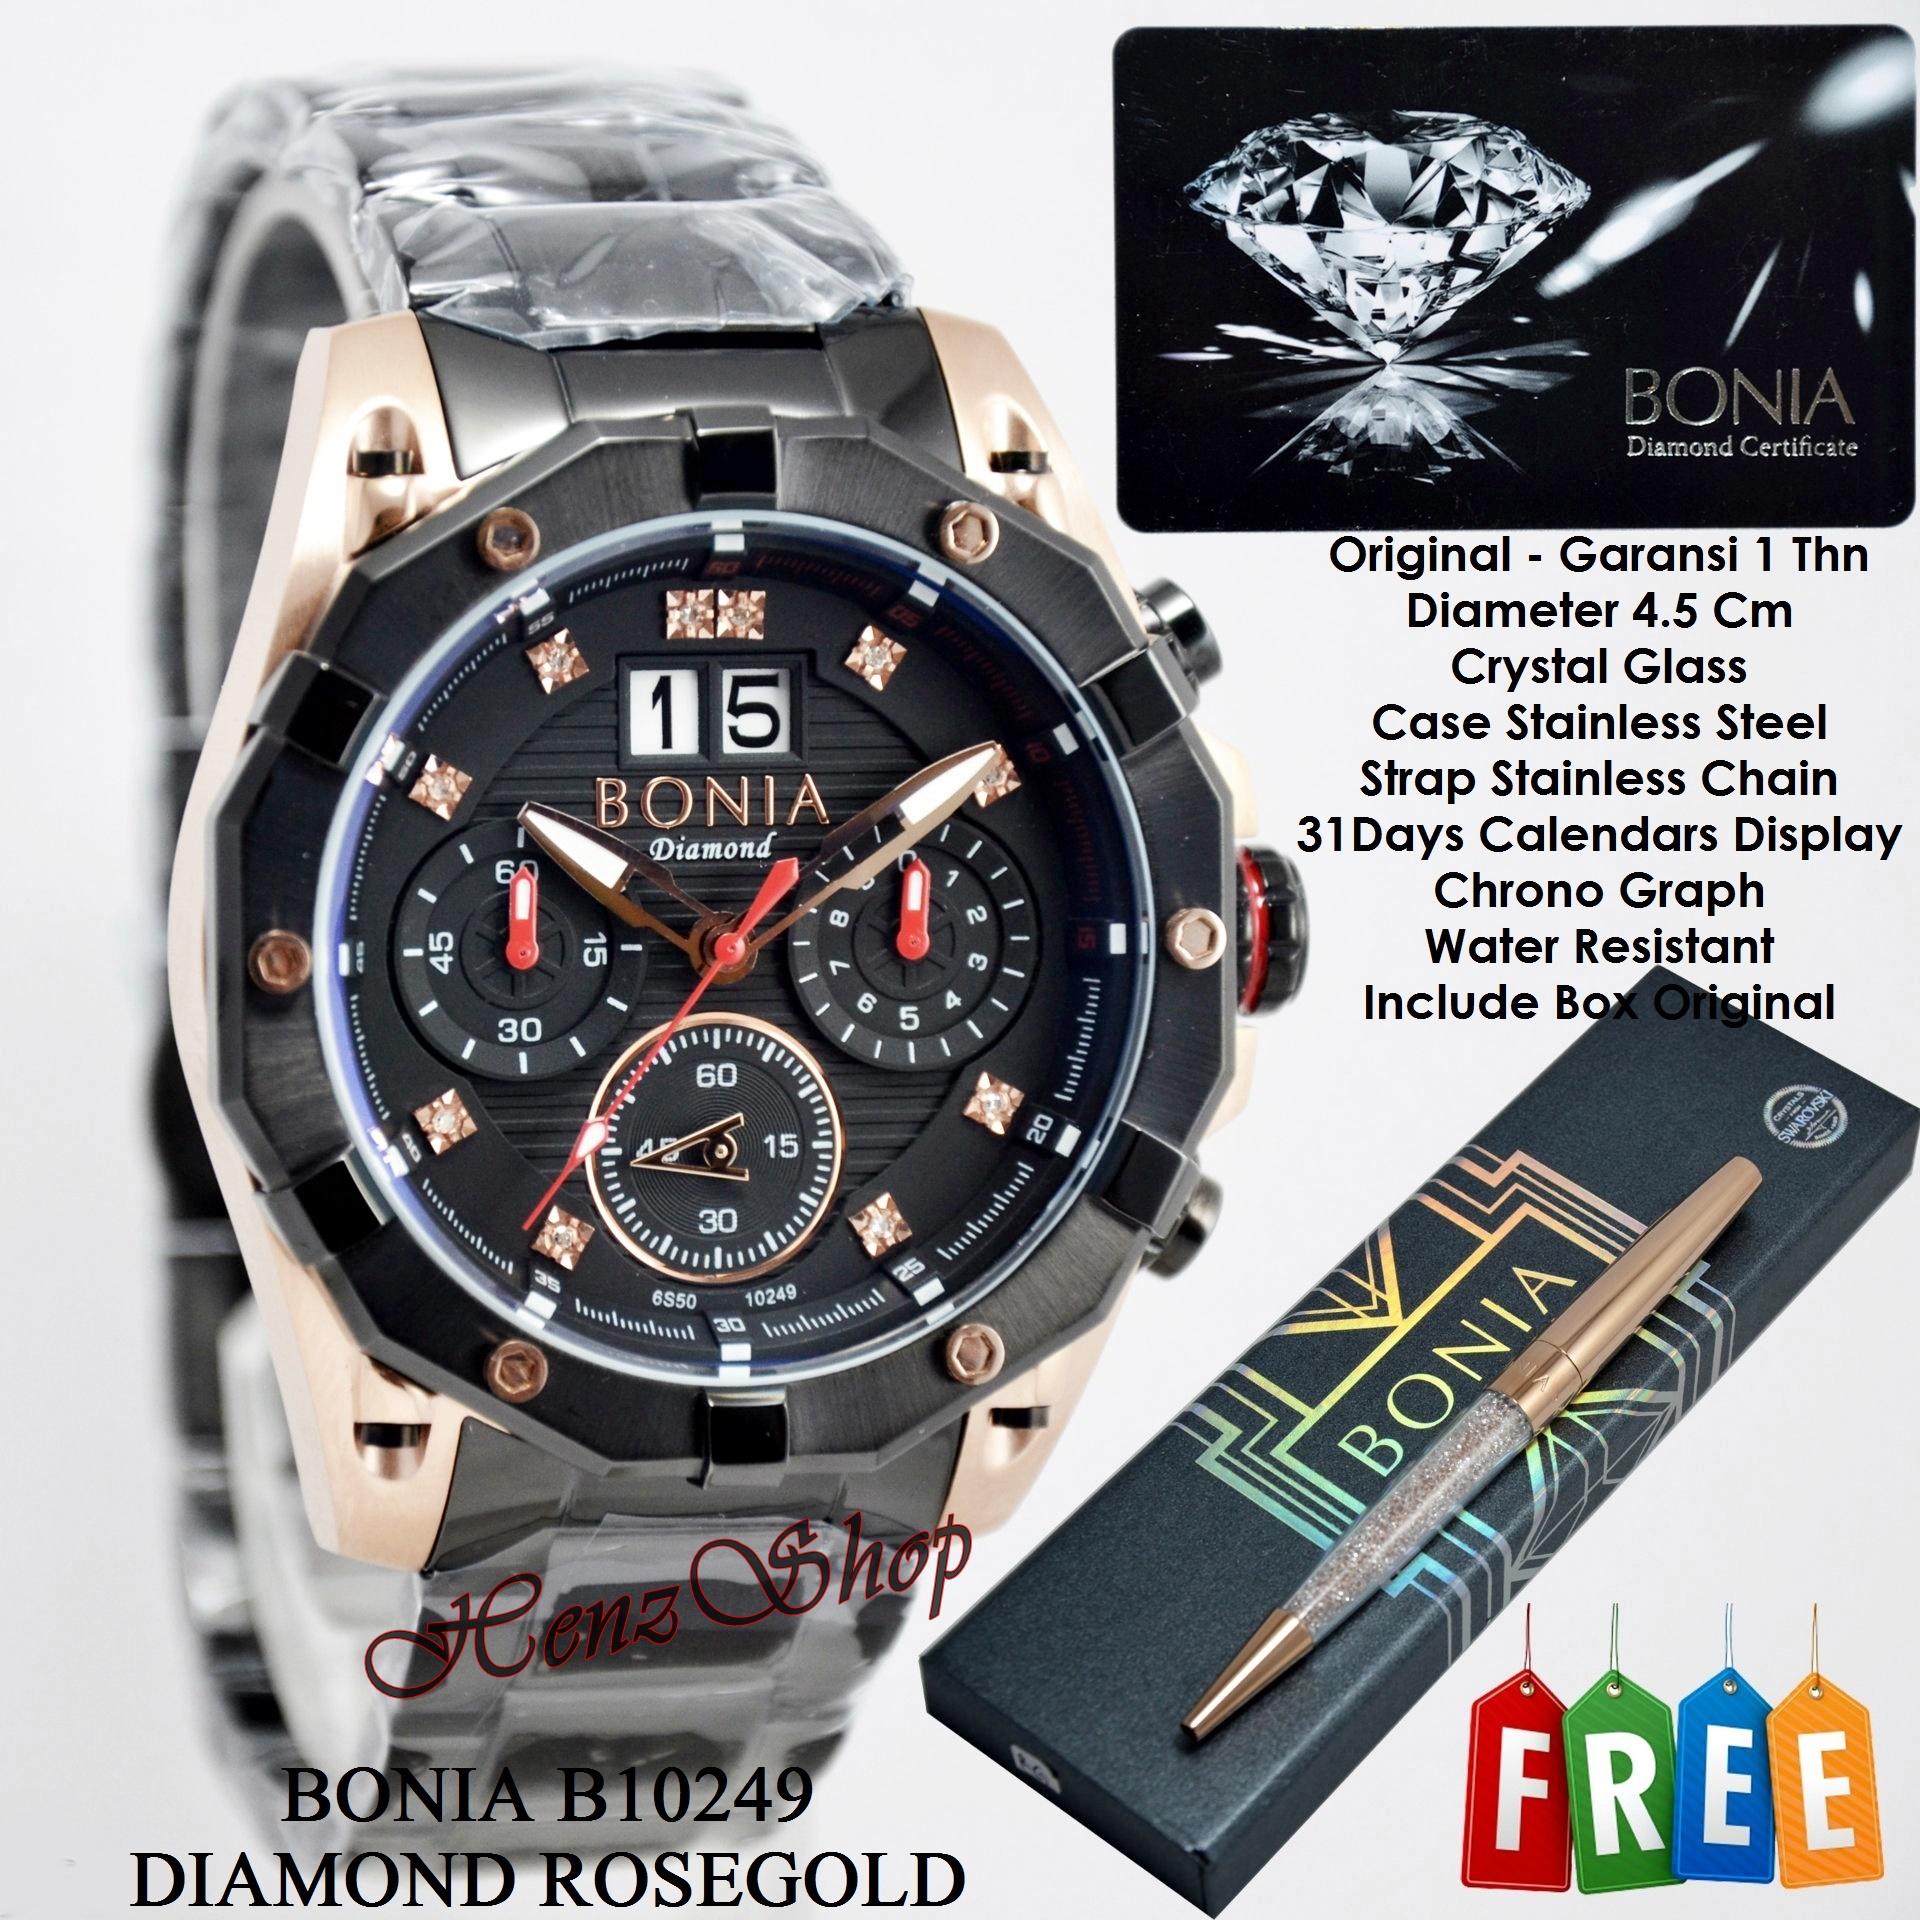 Gambar Jam Tangan Bonia Pria Original Bpt191 1332c Stainless Steel Silver 1032c Jual B10249 Diamond Rosegold